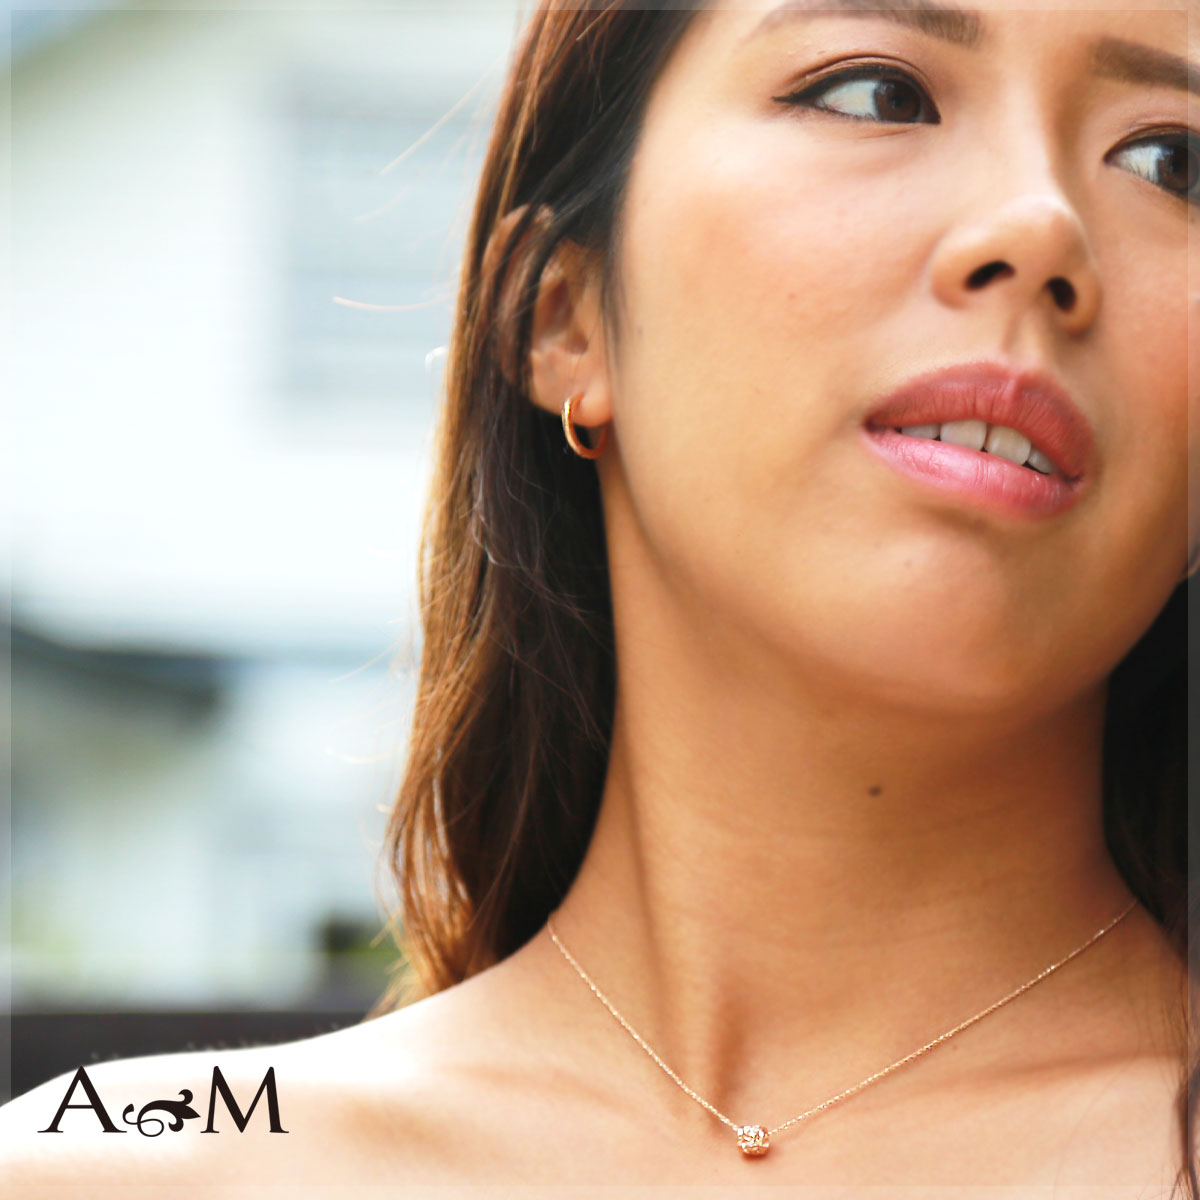 ハワイアンジュエリー ピアス 18金 ピアス 18k フープ ピアス アクセサリー レディース 女性 メンズ 男性 スクロール・フープピアス (K18/ 18金 イエロー ピンク ホワイト) aer1082g